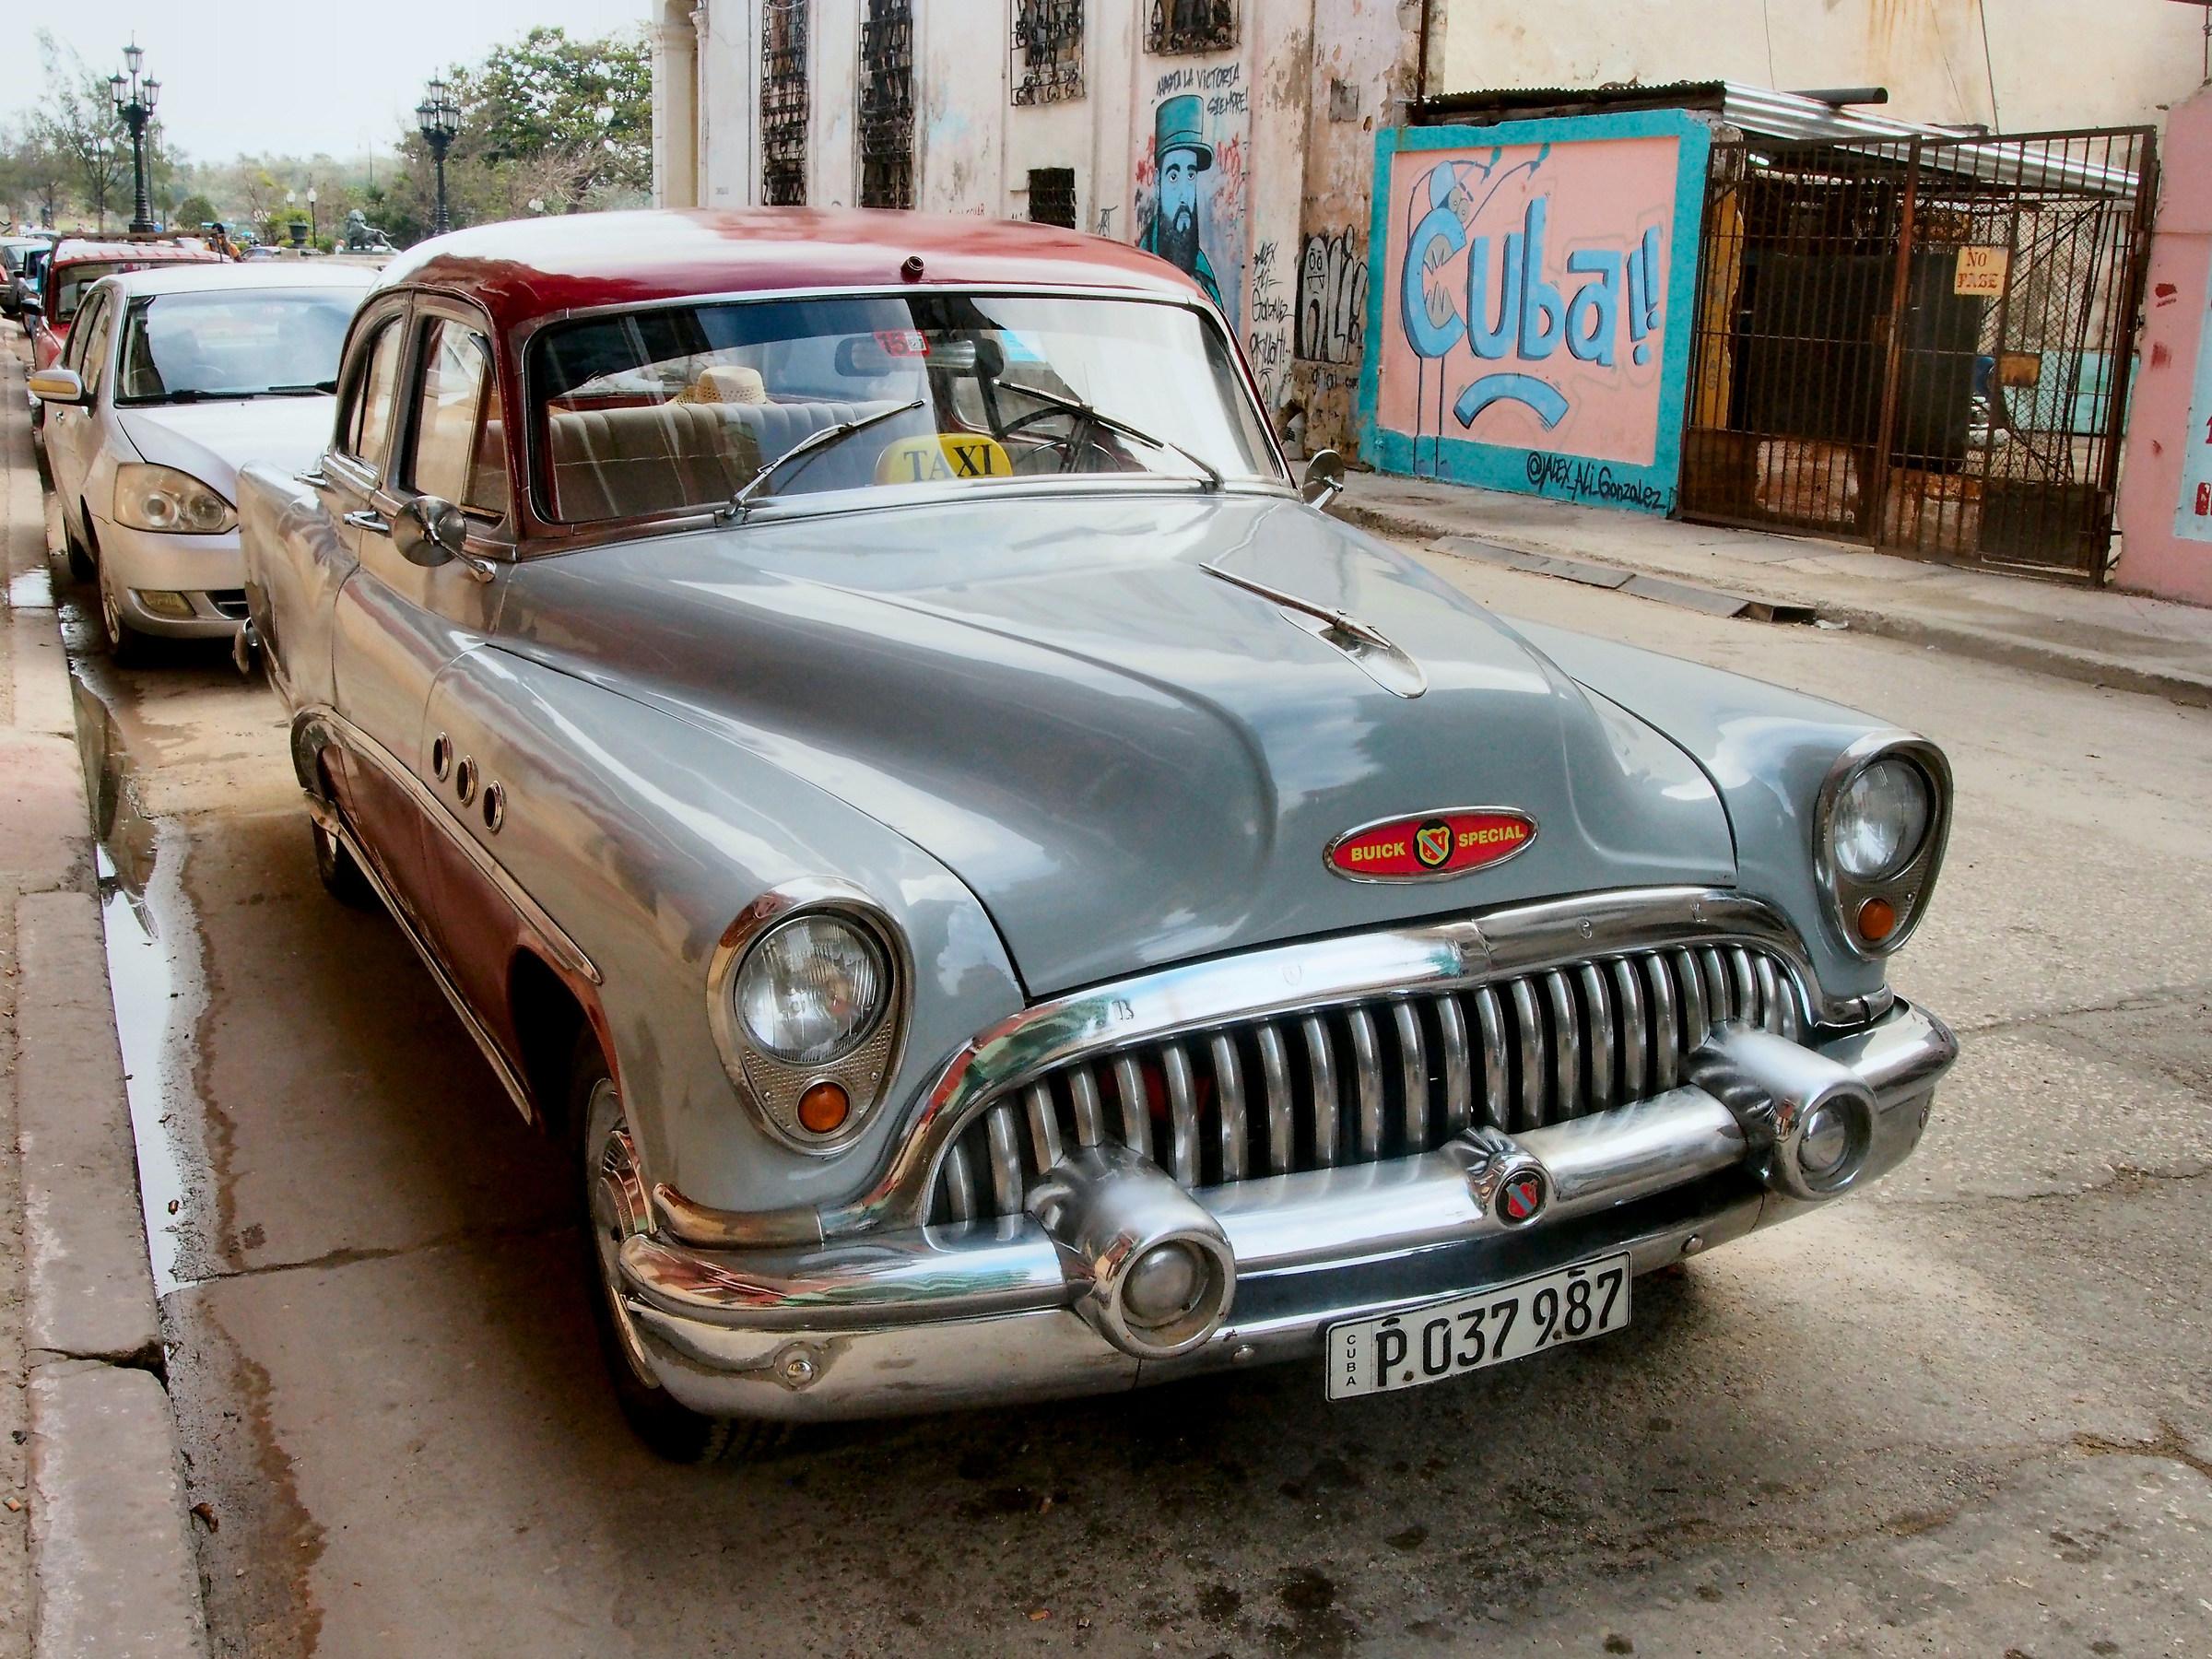 Cuba's cars 02...